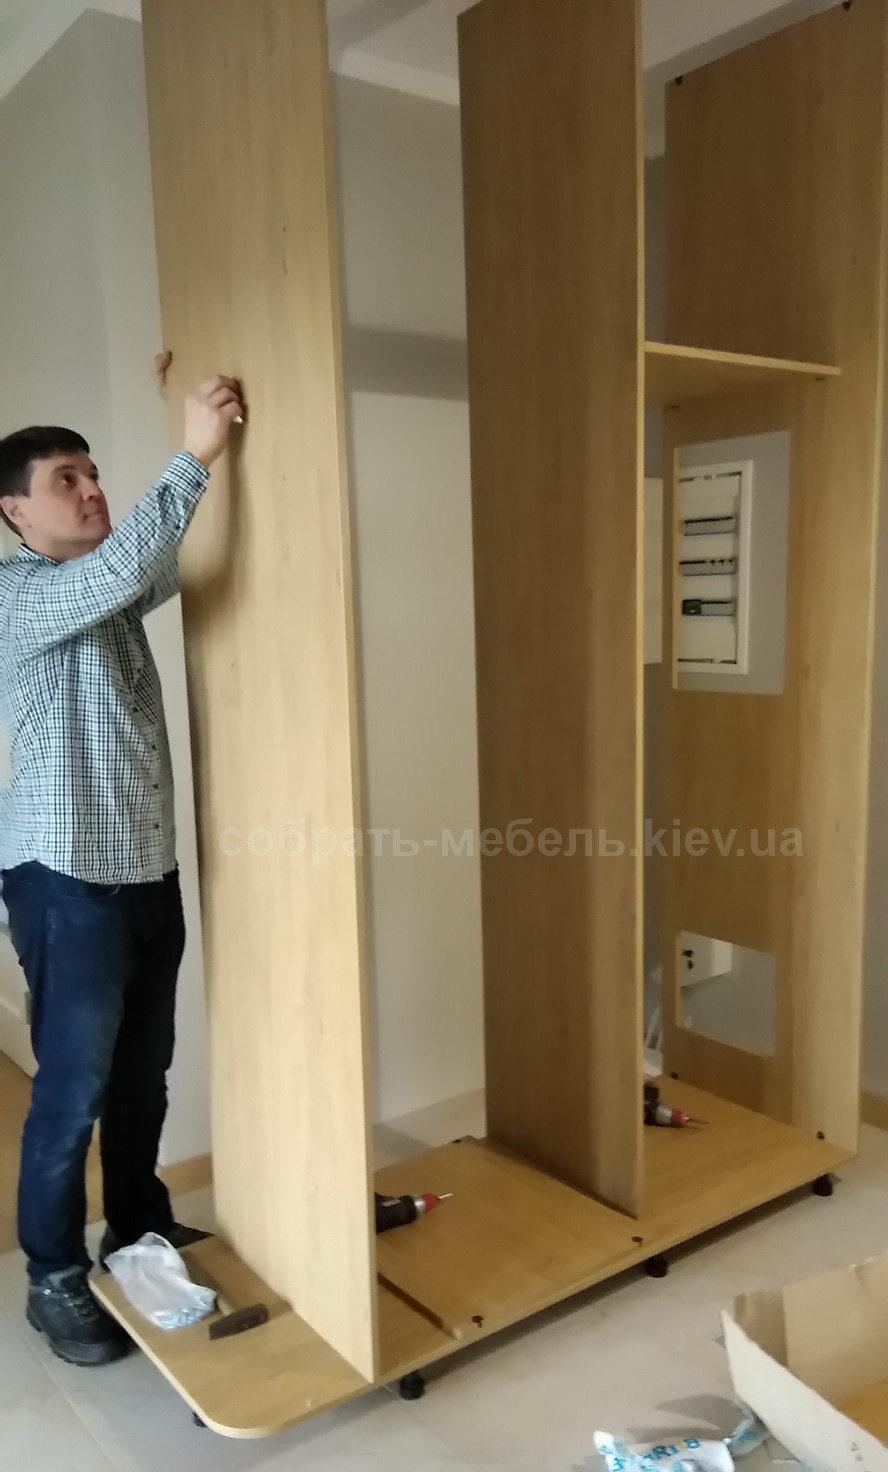 услуги сборщиков мебели киевская область